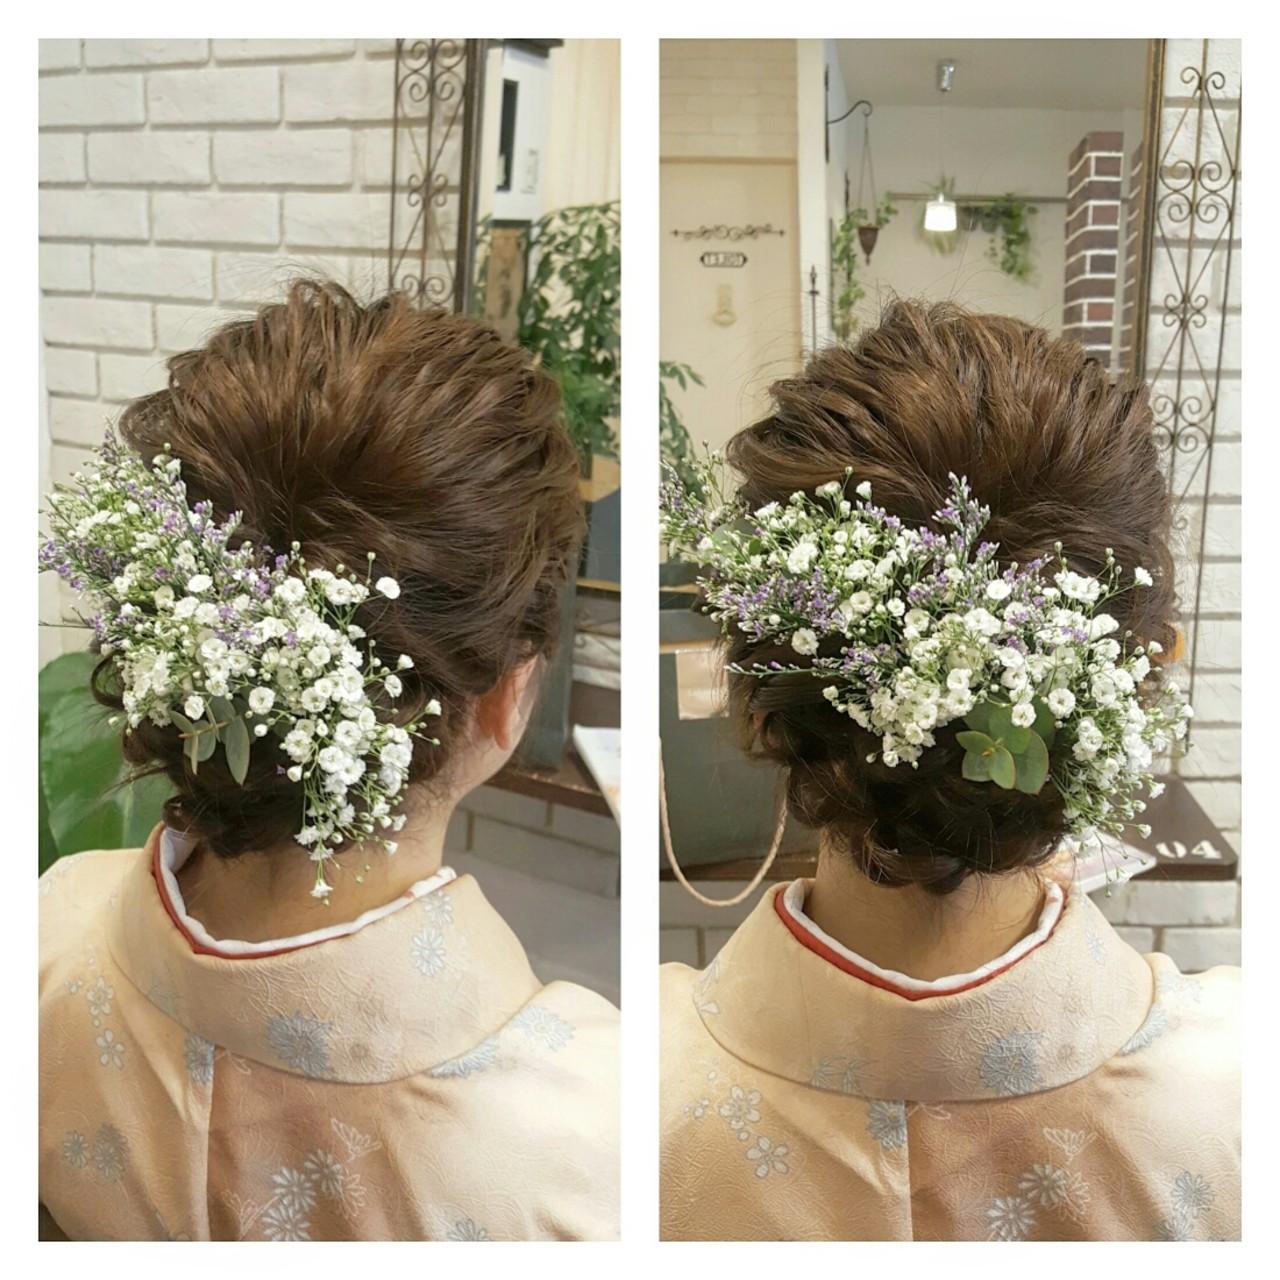 ゆるふわ ナチュラル ハーフアップ ロング ヘアスタイルや髪型の写真・画像